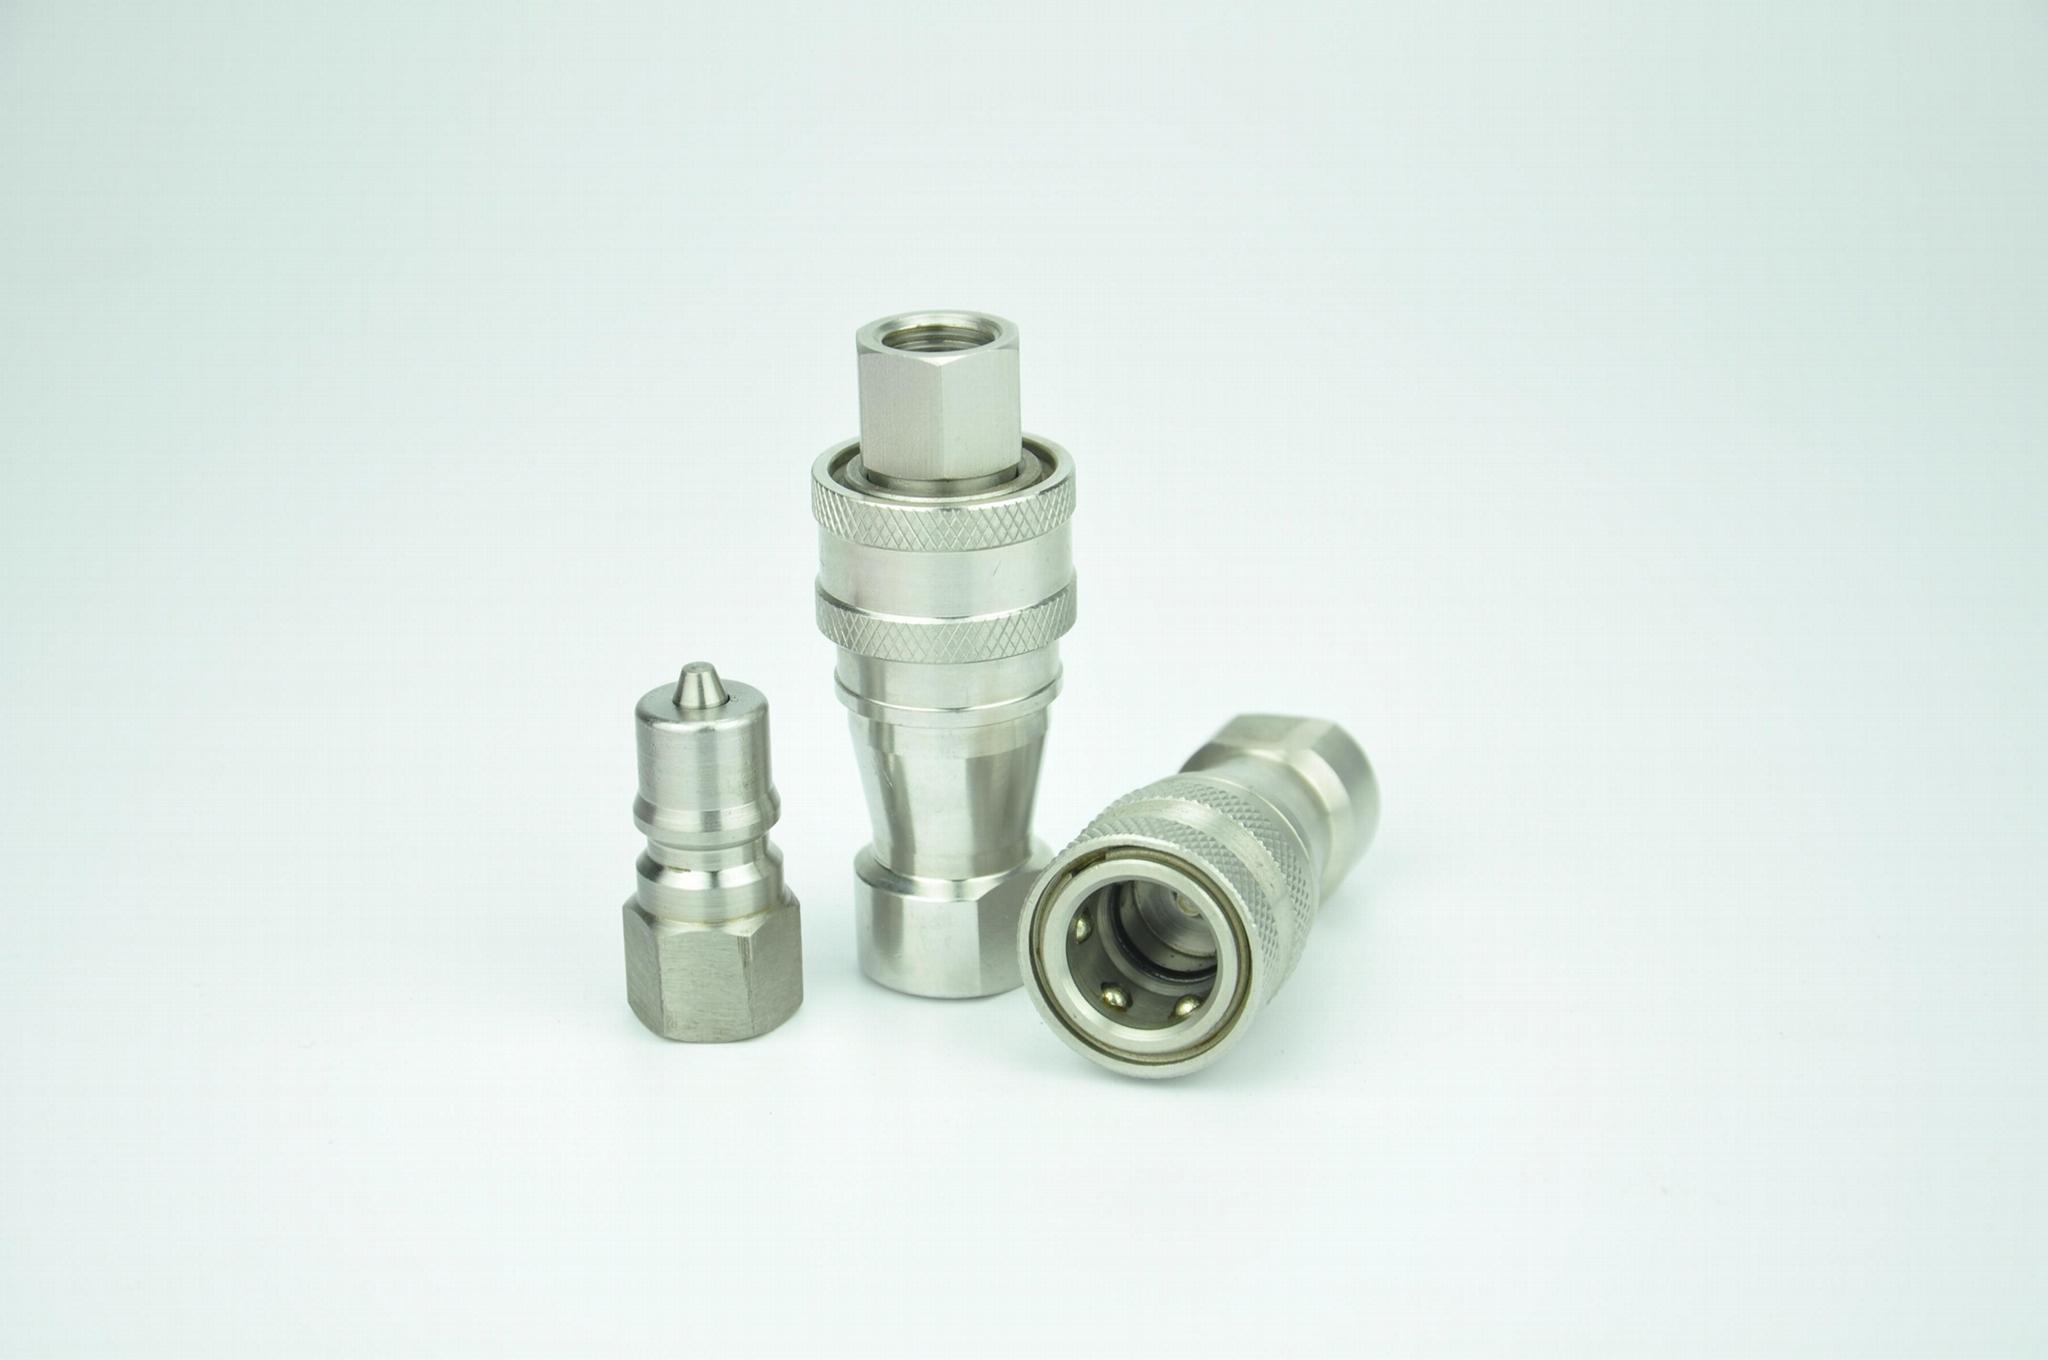 KZF不锈钢开闭式高压油管耐高温腐蚀快速接头 2